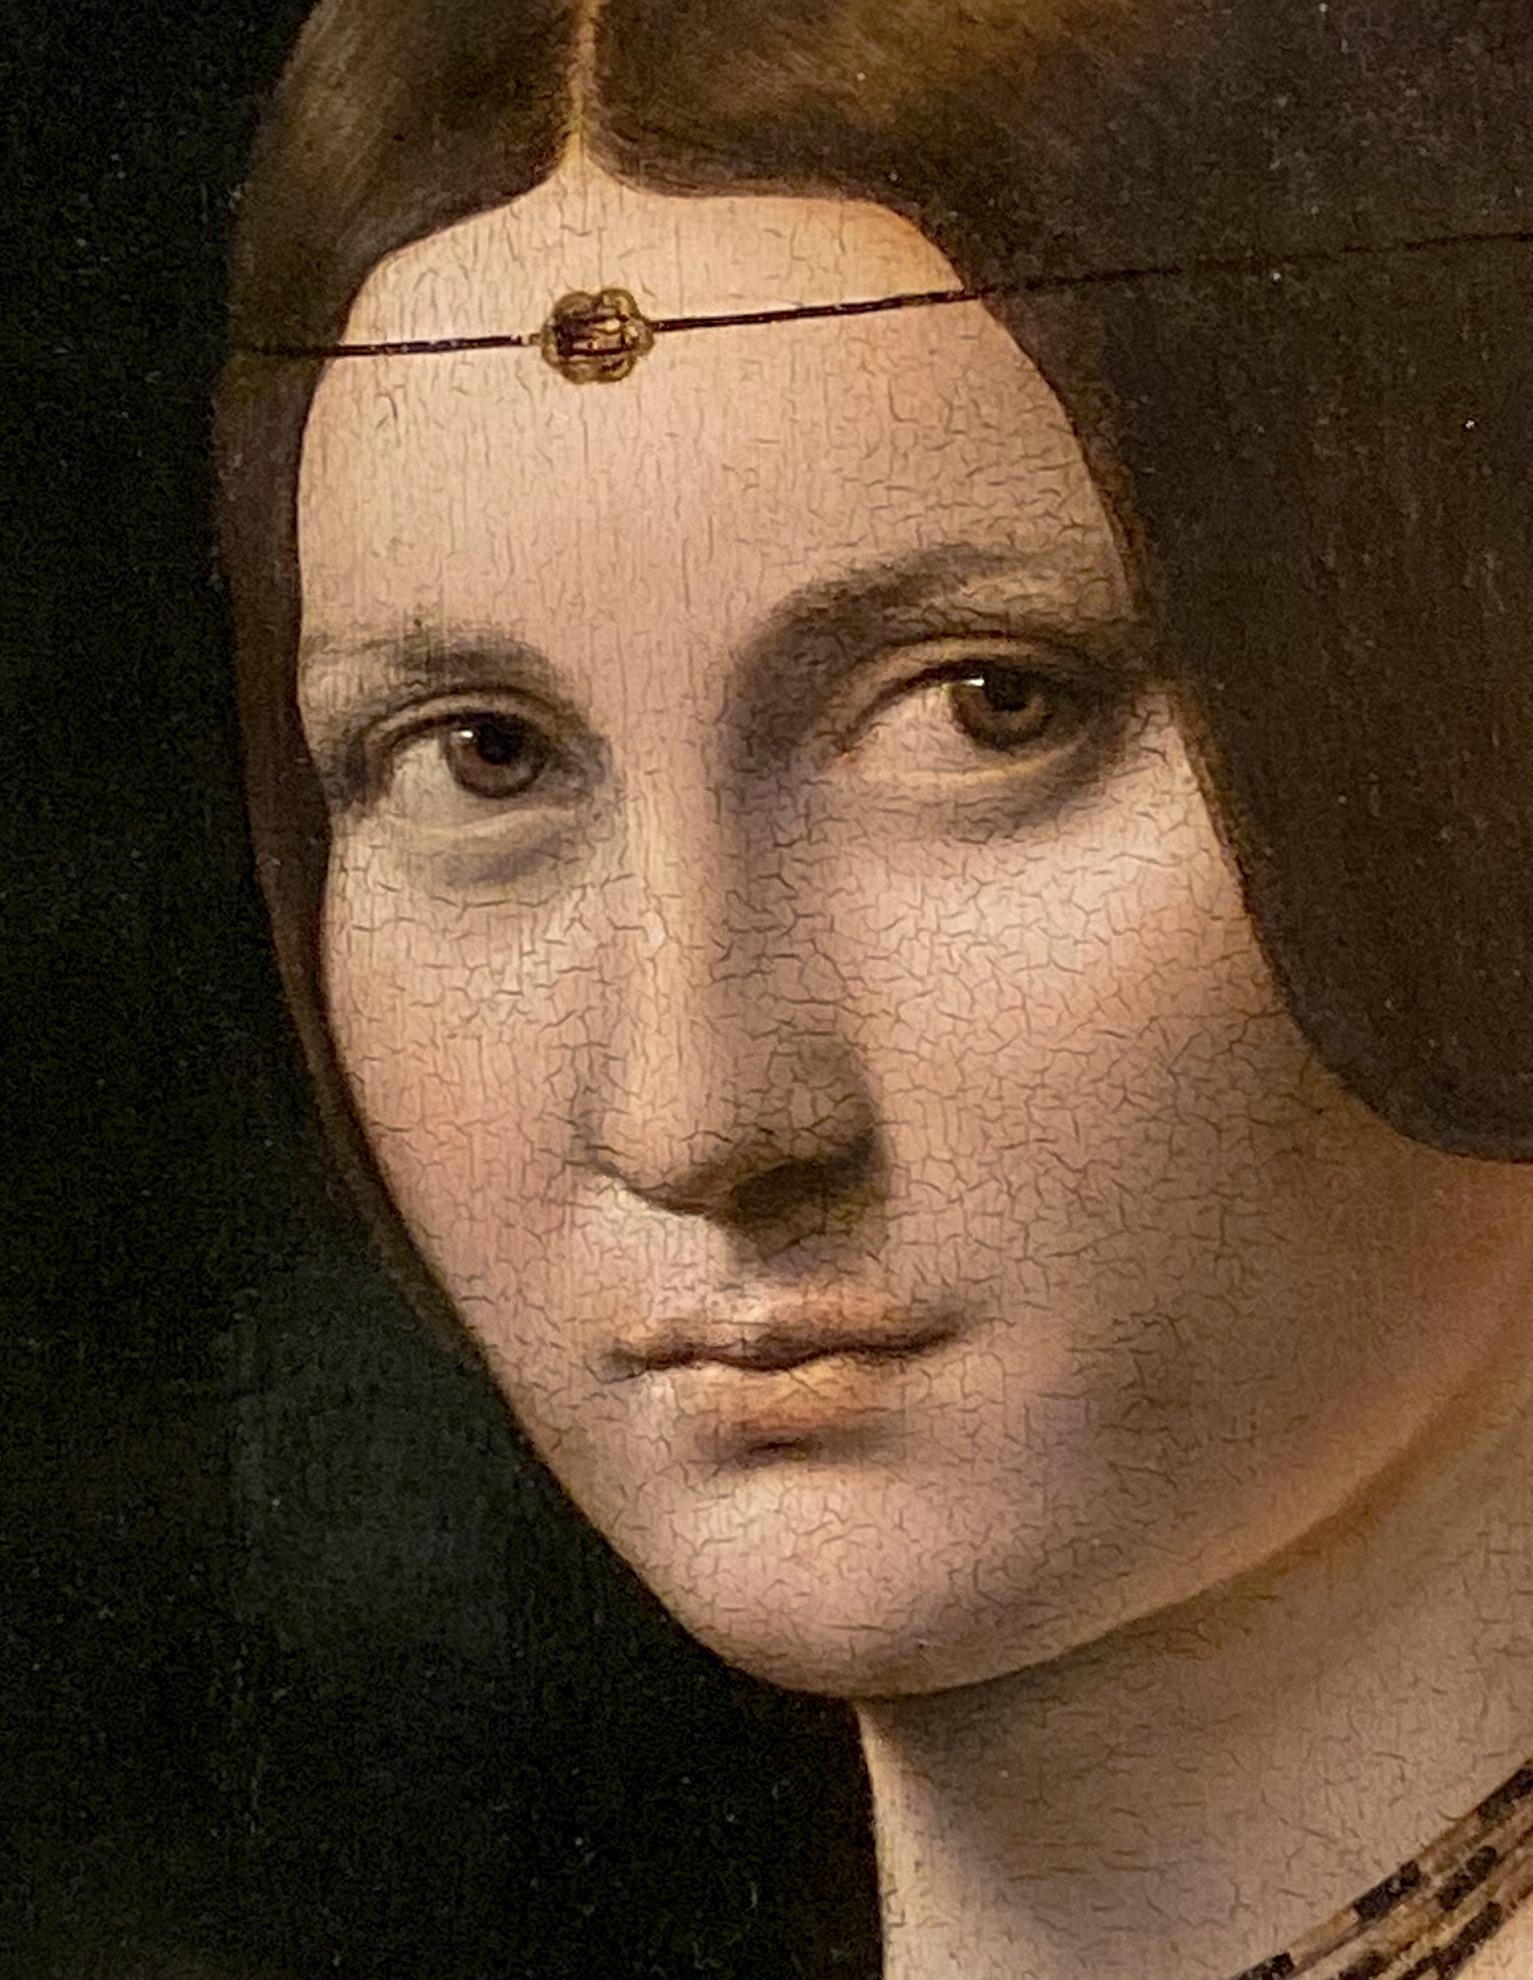 Leonardo da Vinci – Jahrhundertausstellung im Louvre Dame am Mailänder Hof